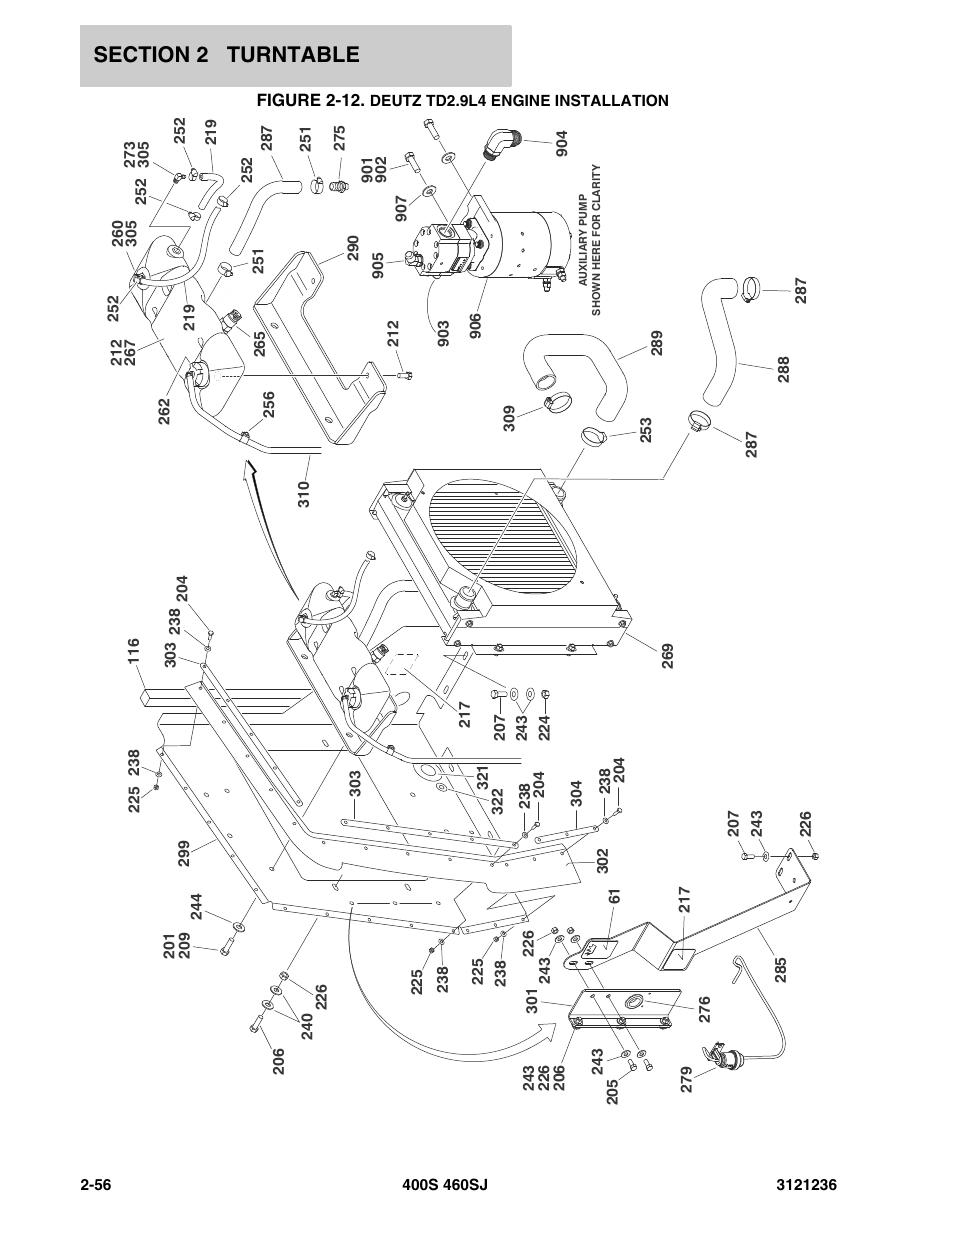 Figure 2-12. deutz td2.9l4 engine installation, Deutz td2